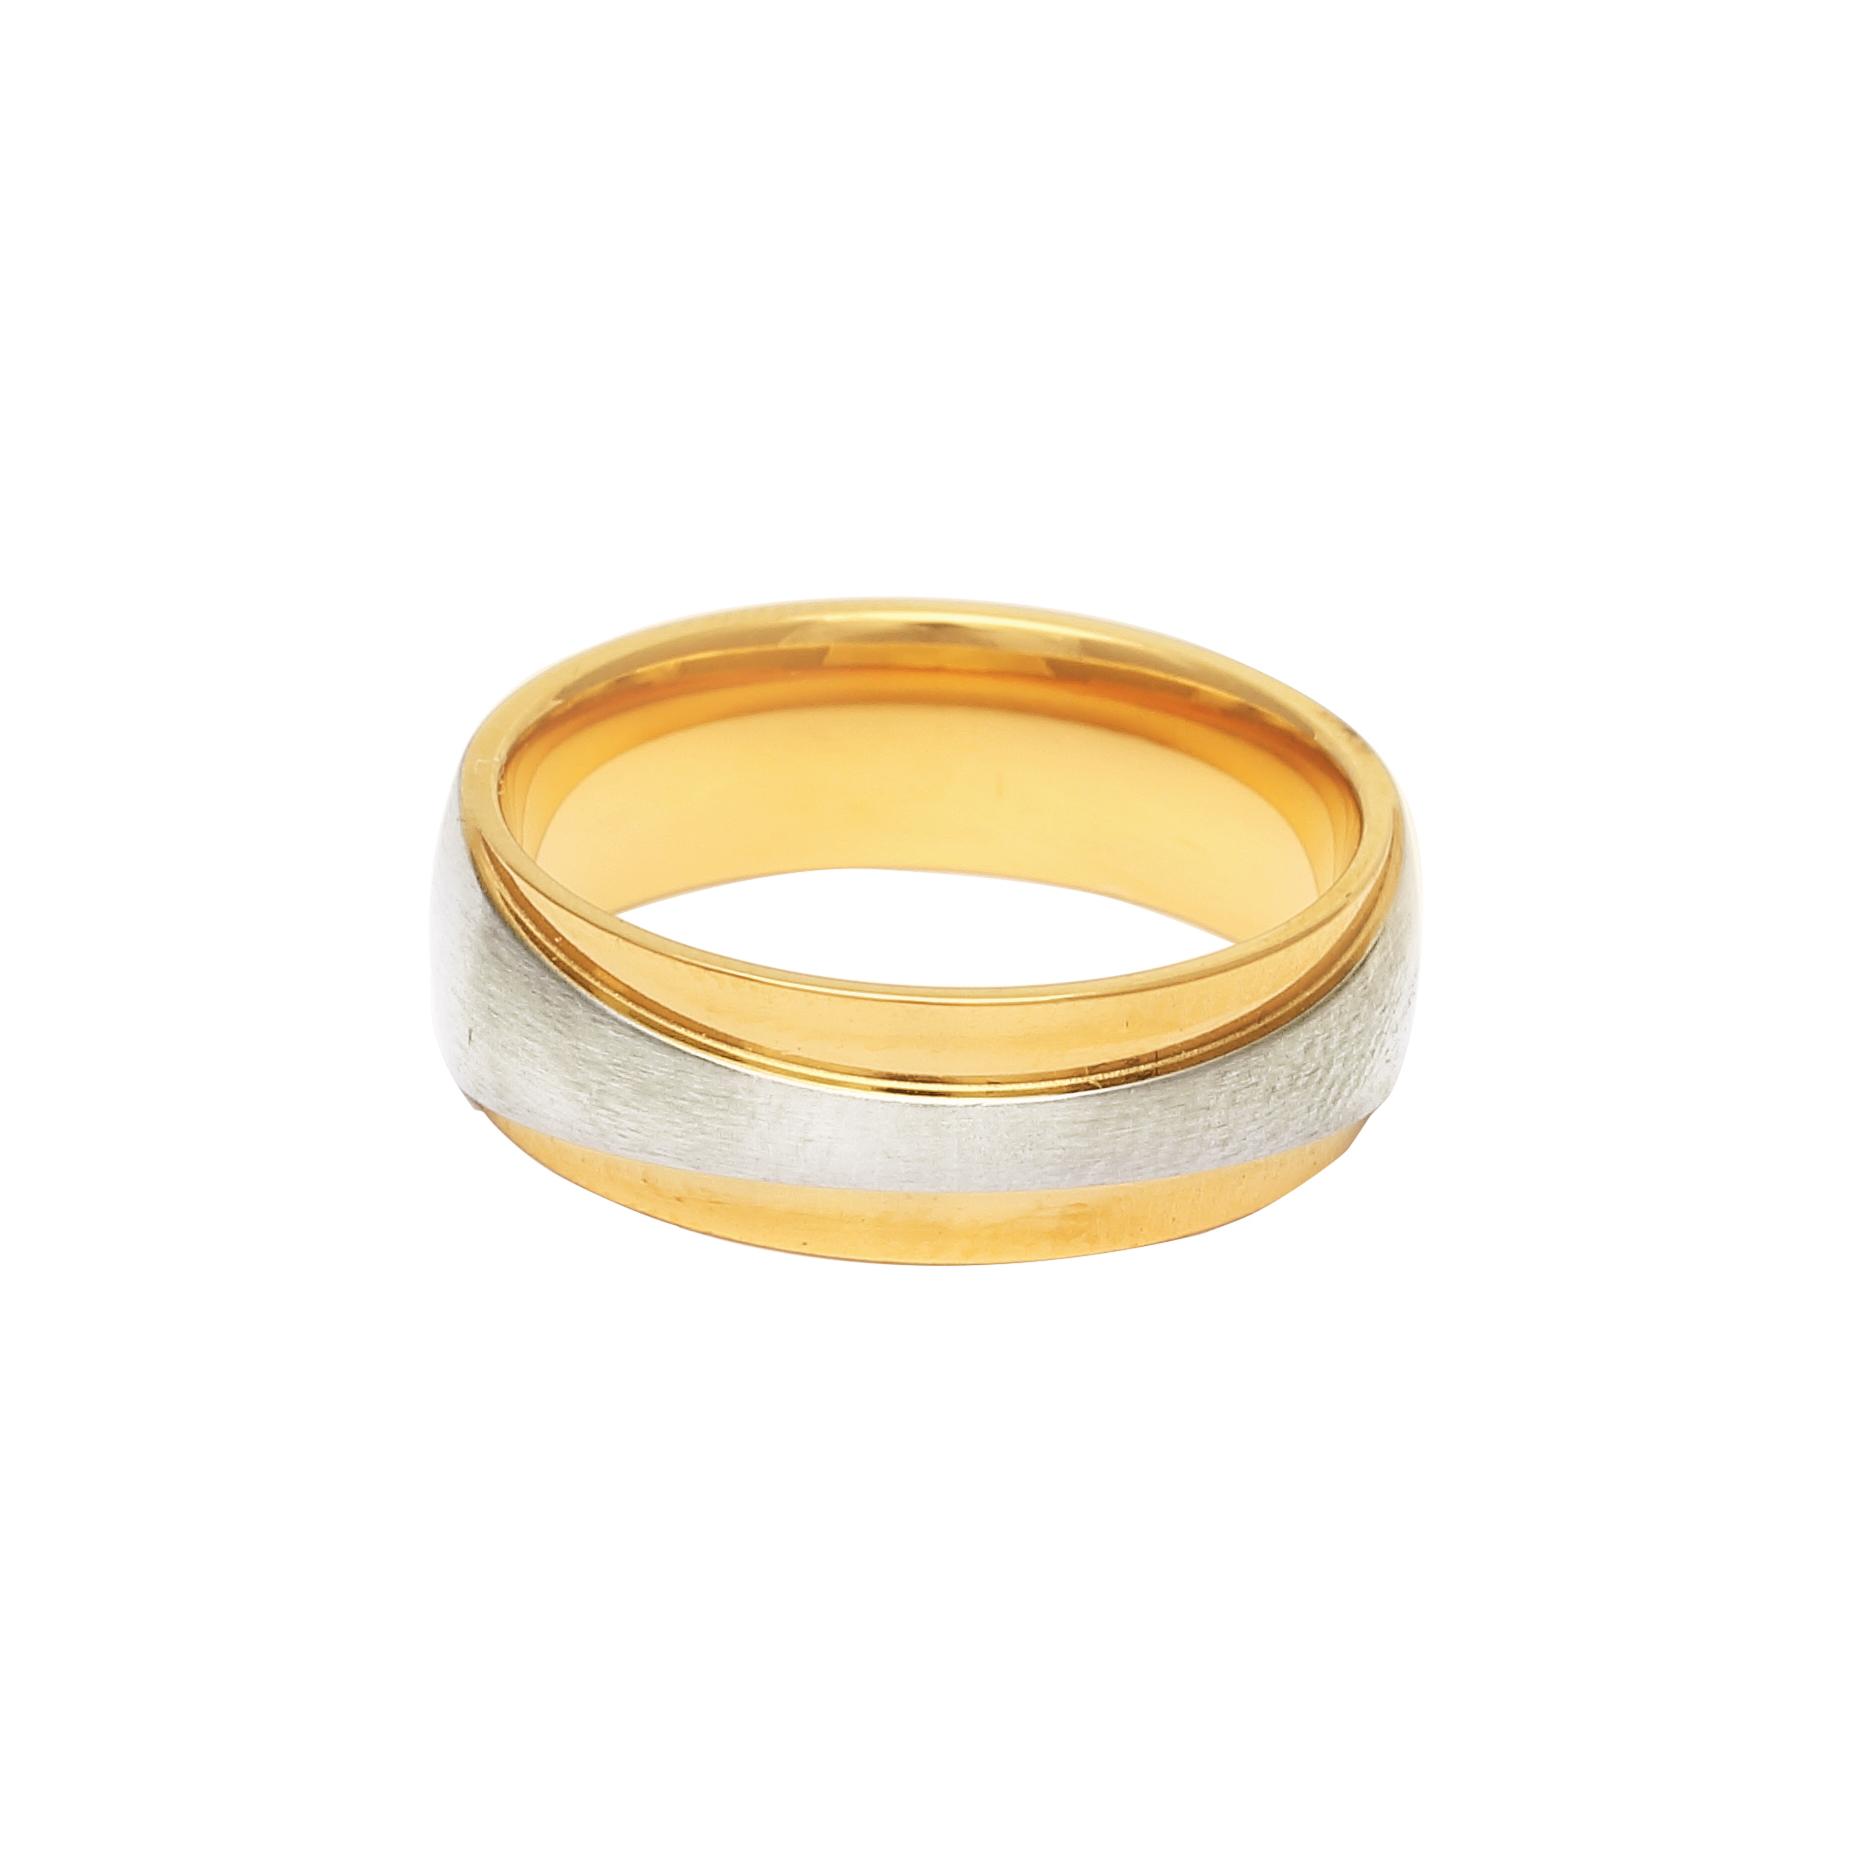 Мъжка златна сватбена халка с декоративна ивица от бяло злато.